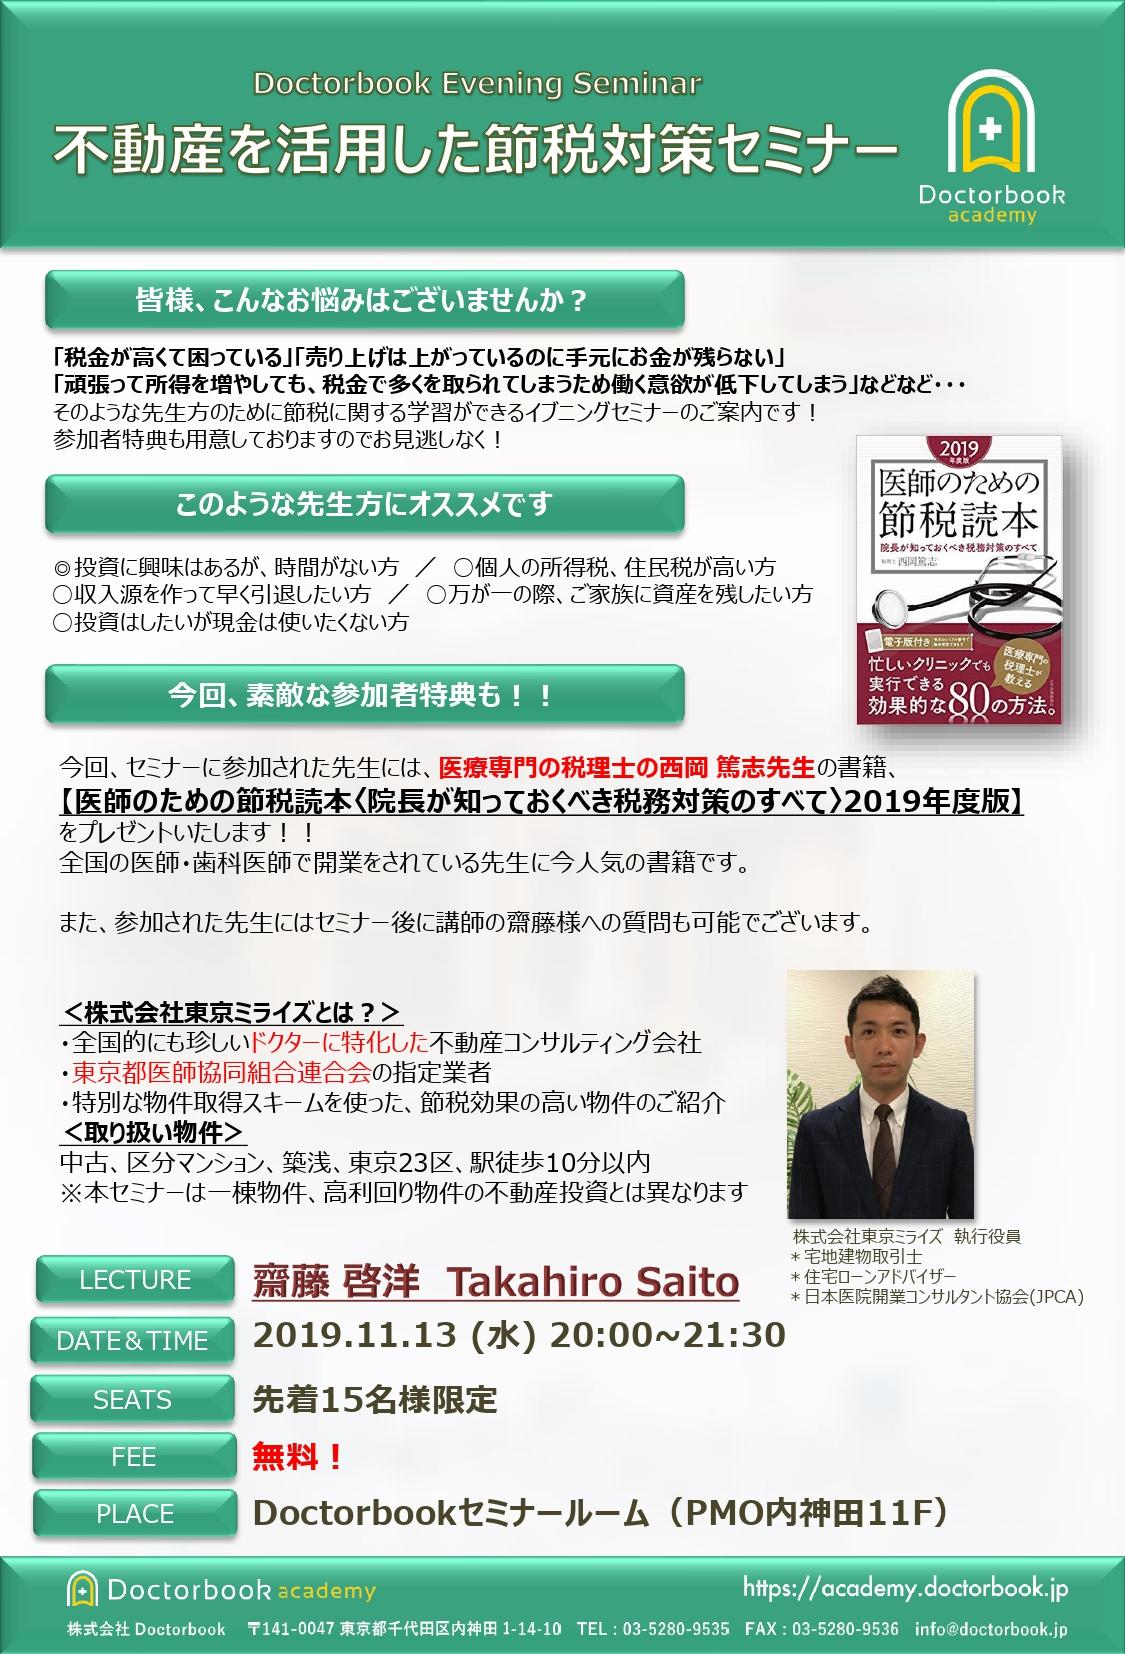 不動産を活用した節税対策セミナー【参加者全員へクオカード贈呈】